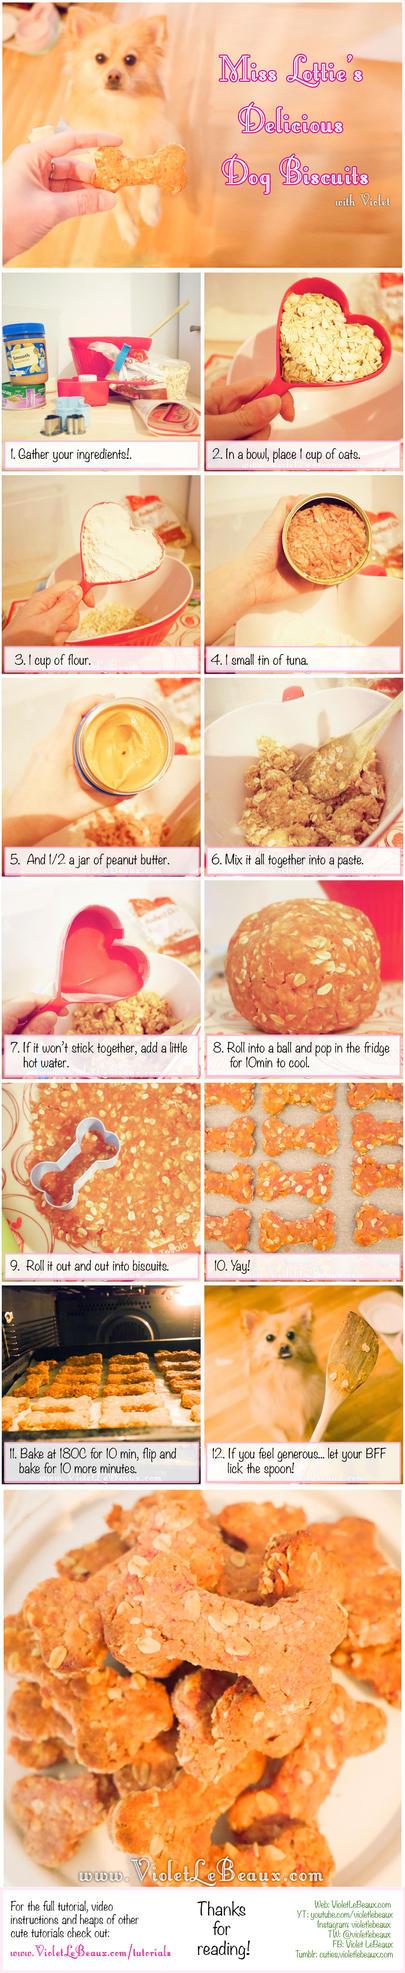 Lottie's Yummy Dog Cookie Treat Recipe by VioletLeBeaux